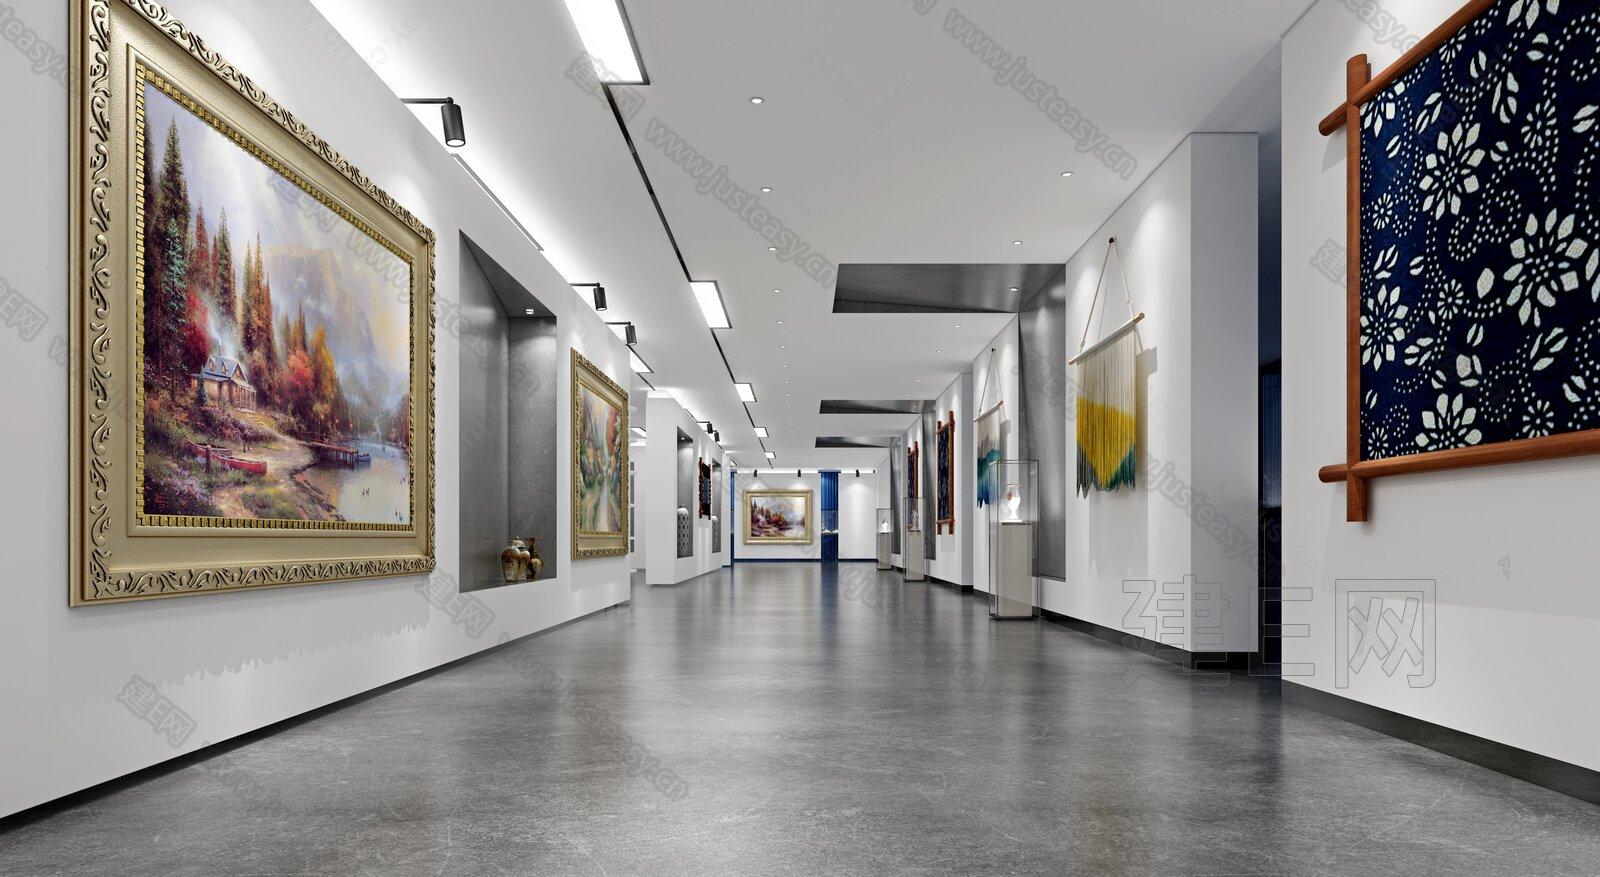 現代文化藝術展廳吧臺過道3d模型